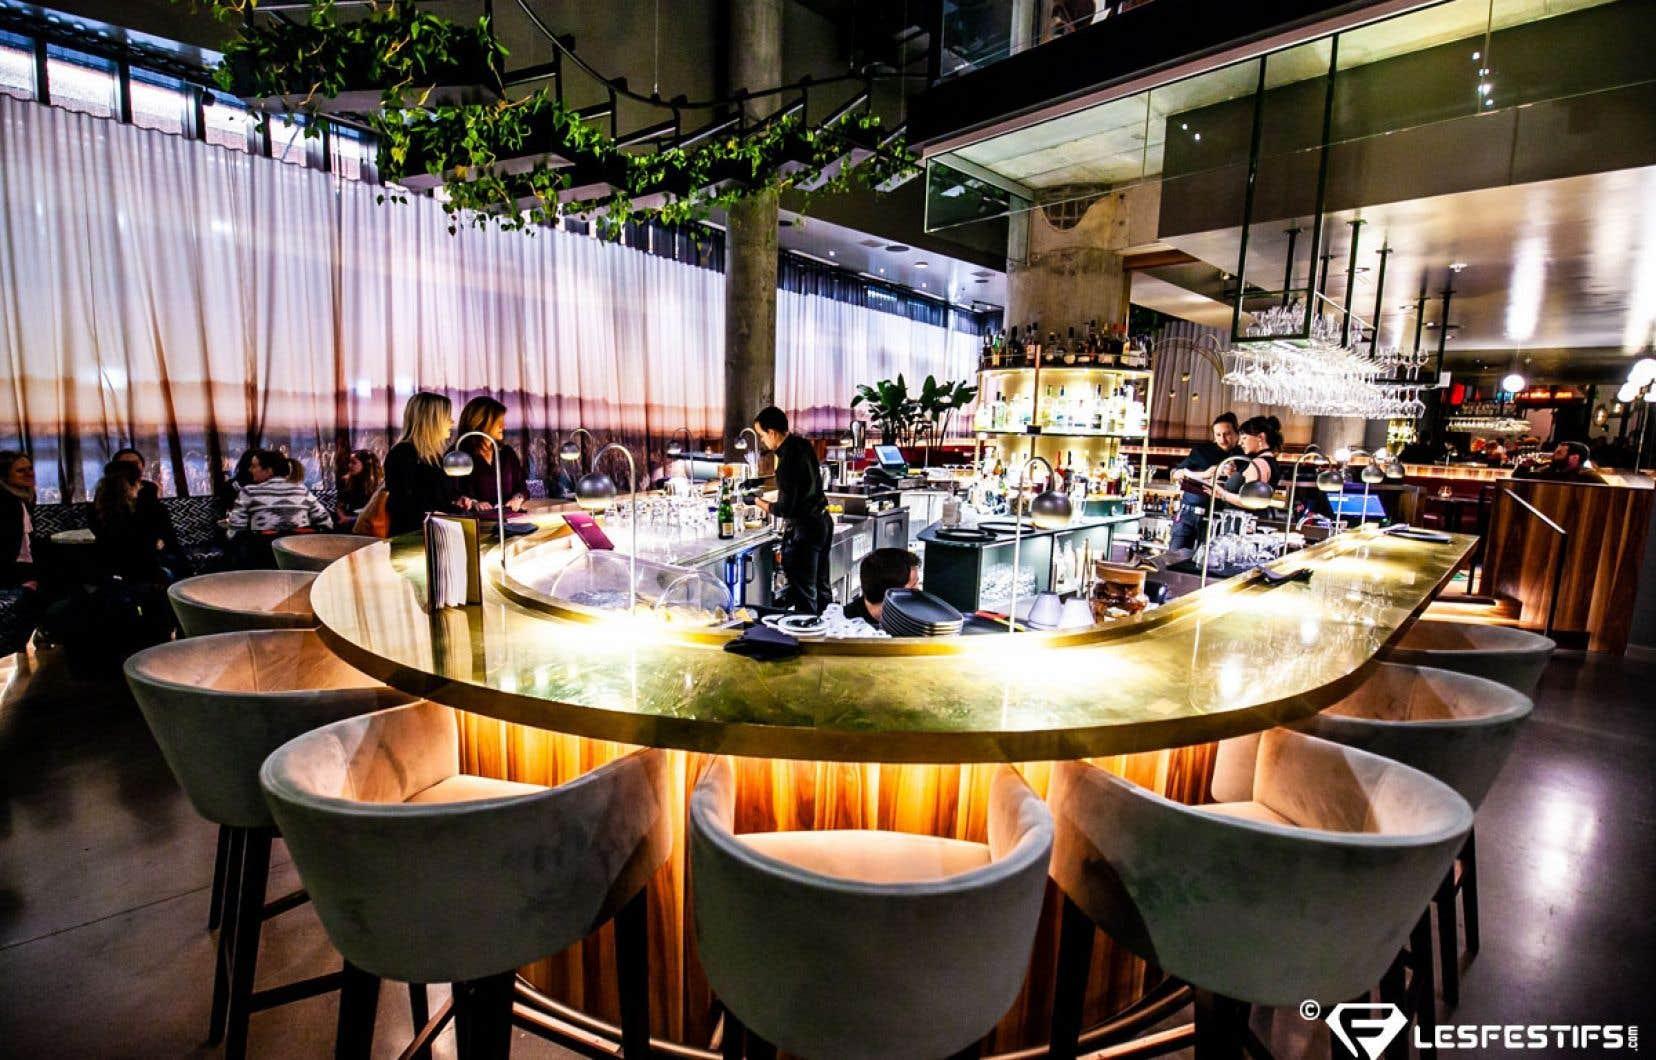 Le point central du Bar Les Cousins, créé par le designer Zébulon Perron, est le comptoir-bar de marbre.